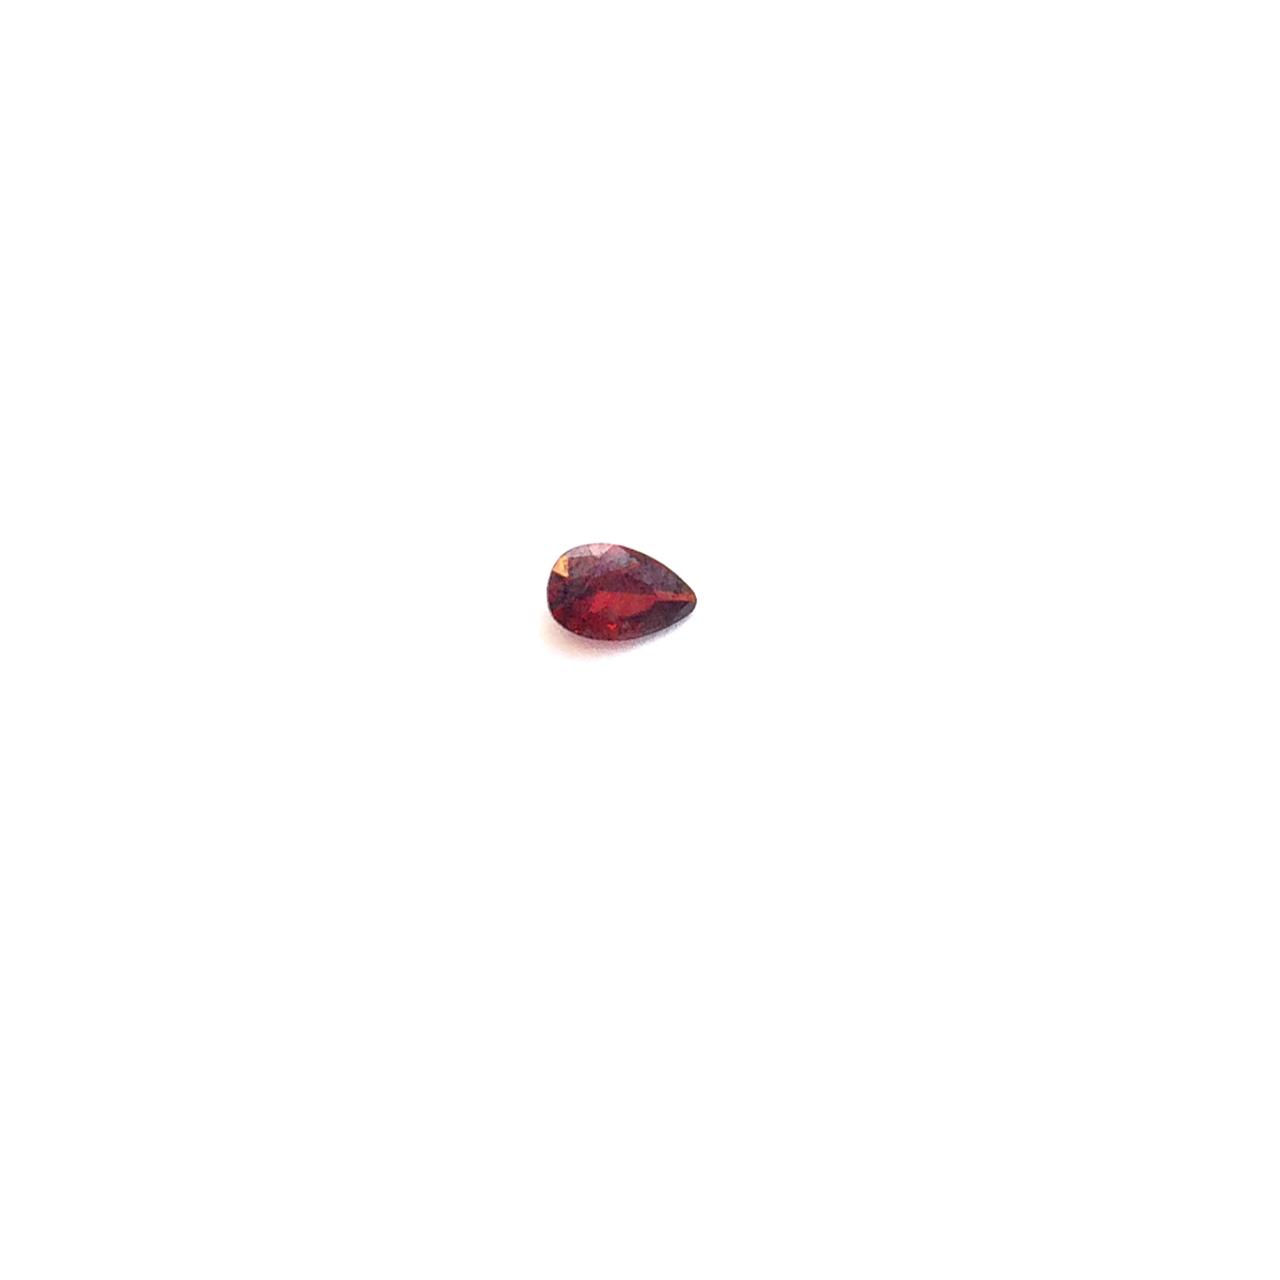 Lab Created Gemstone - Garnet Pear